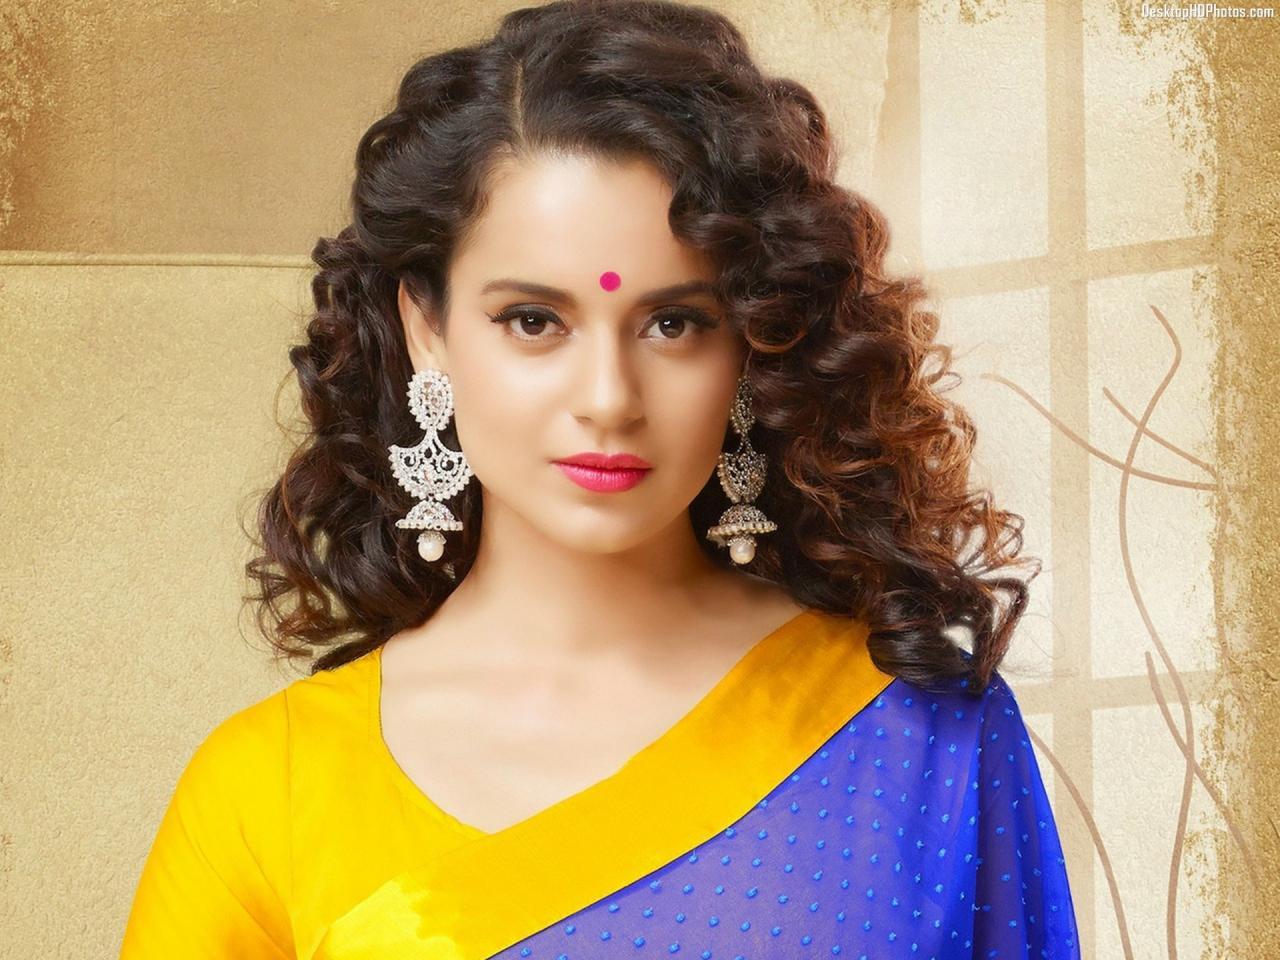 صور بنات الهند , جميلات هنديات بالصور